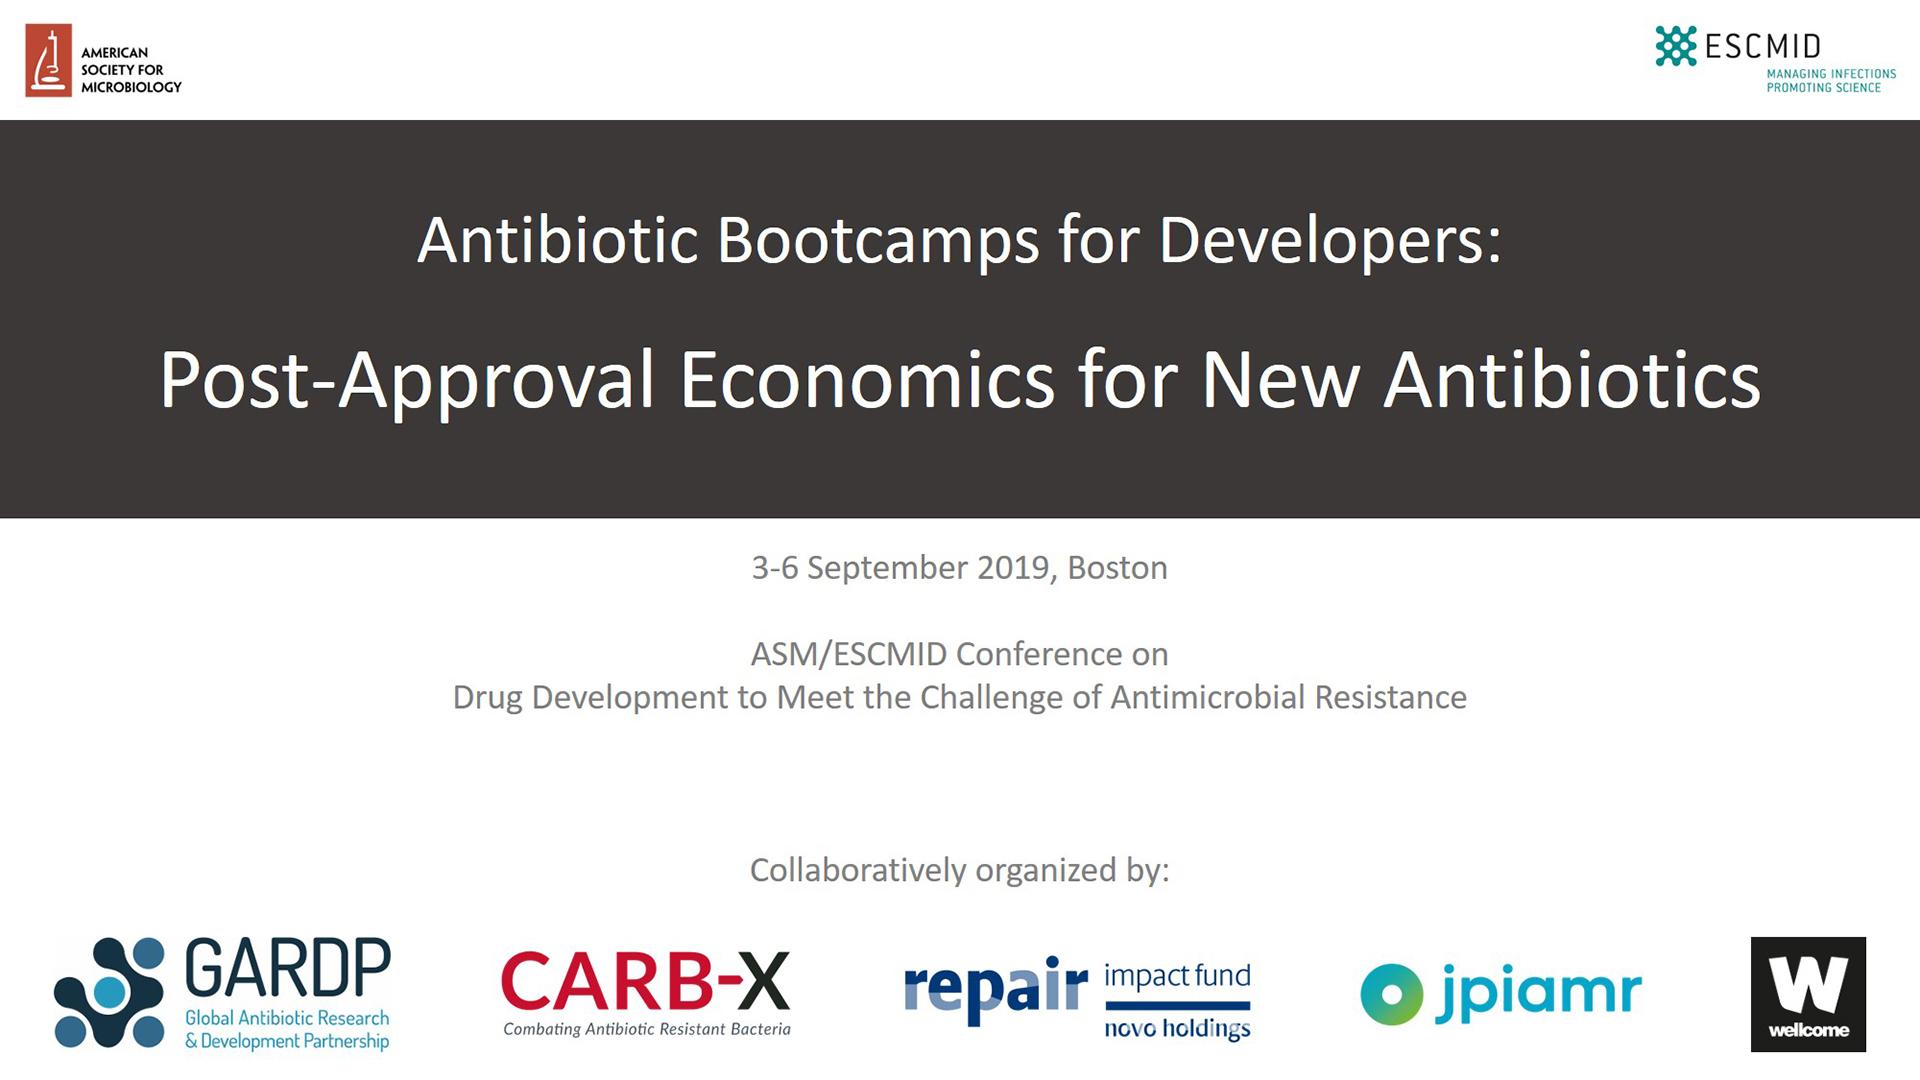 Bootcamp: Post-Approval Economics for New Antibiotics (ASM/ESCMID 2019)